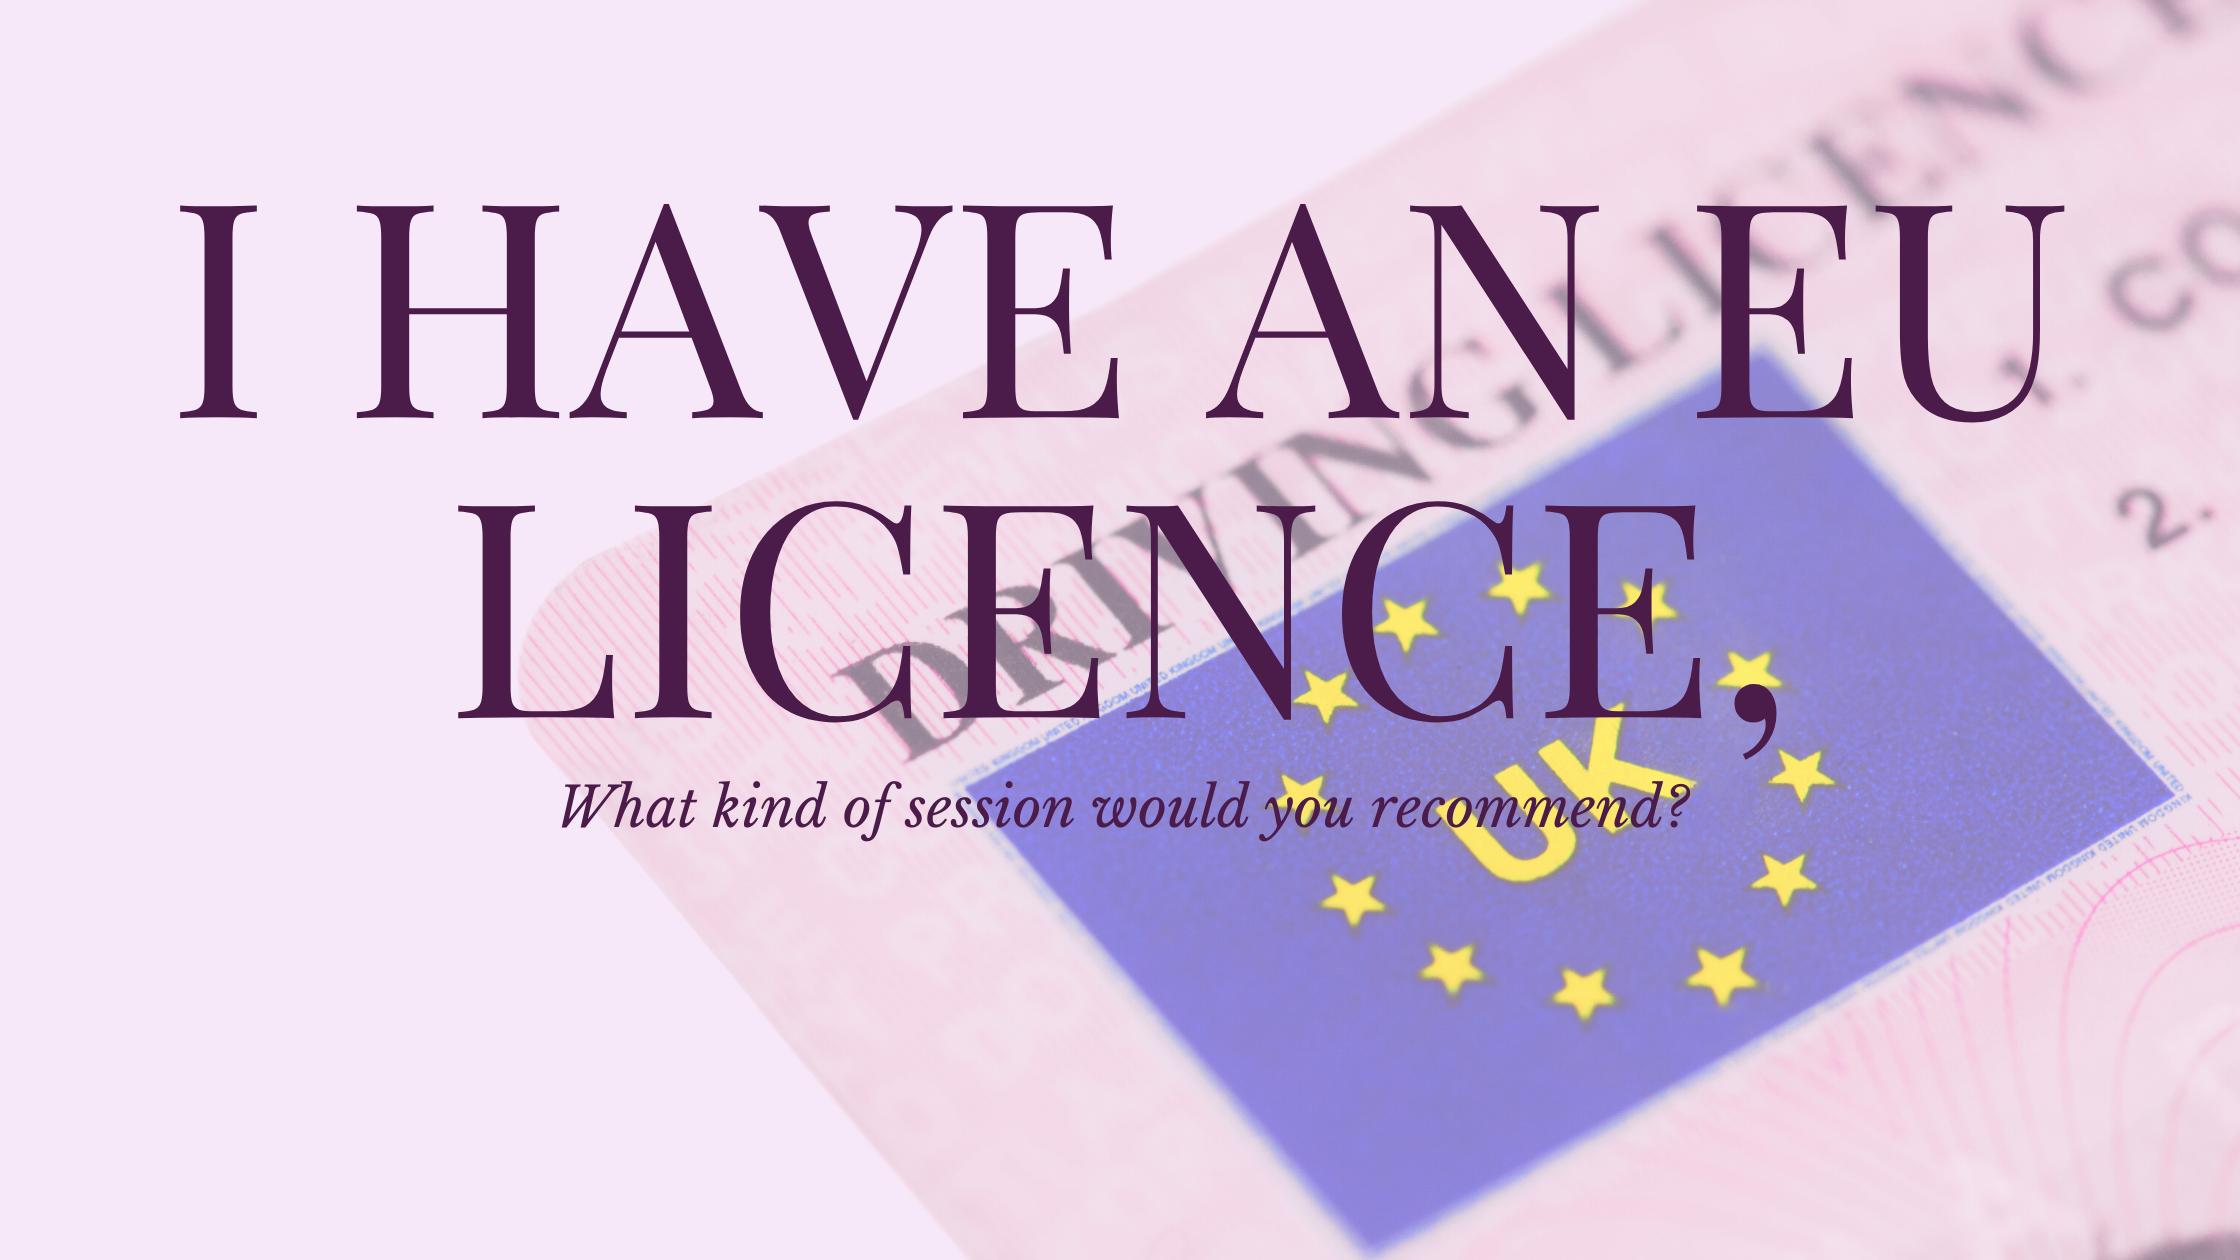 EU Licence